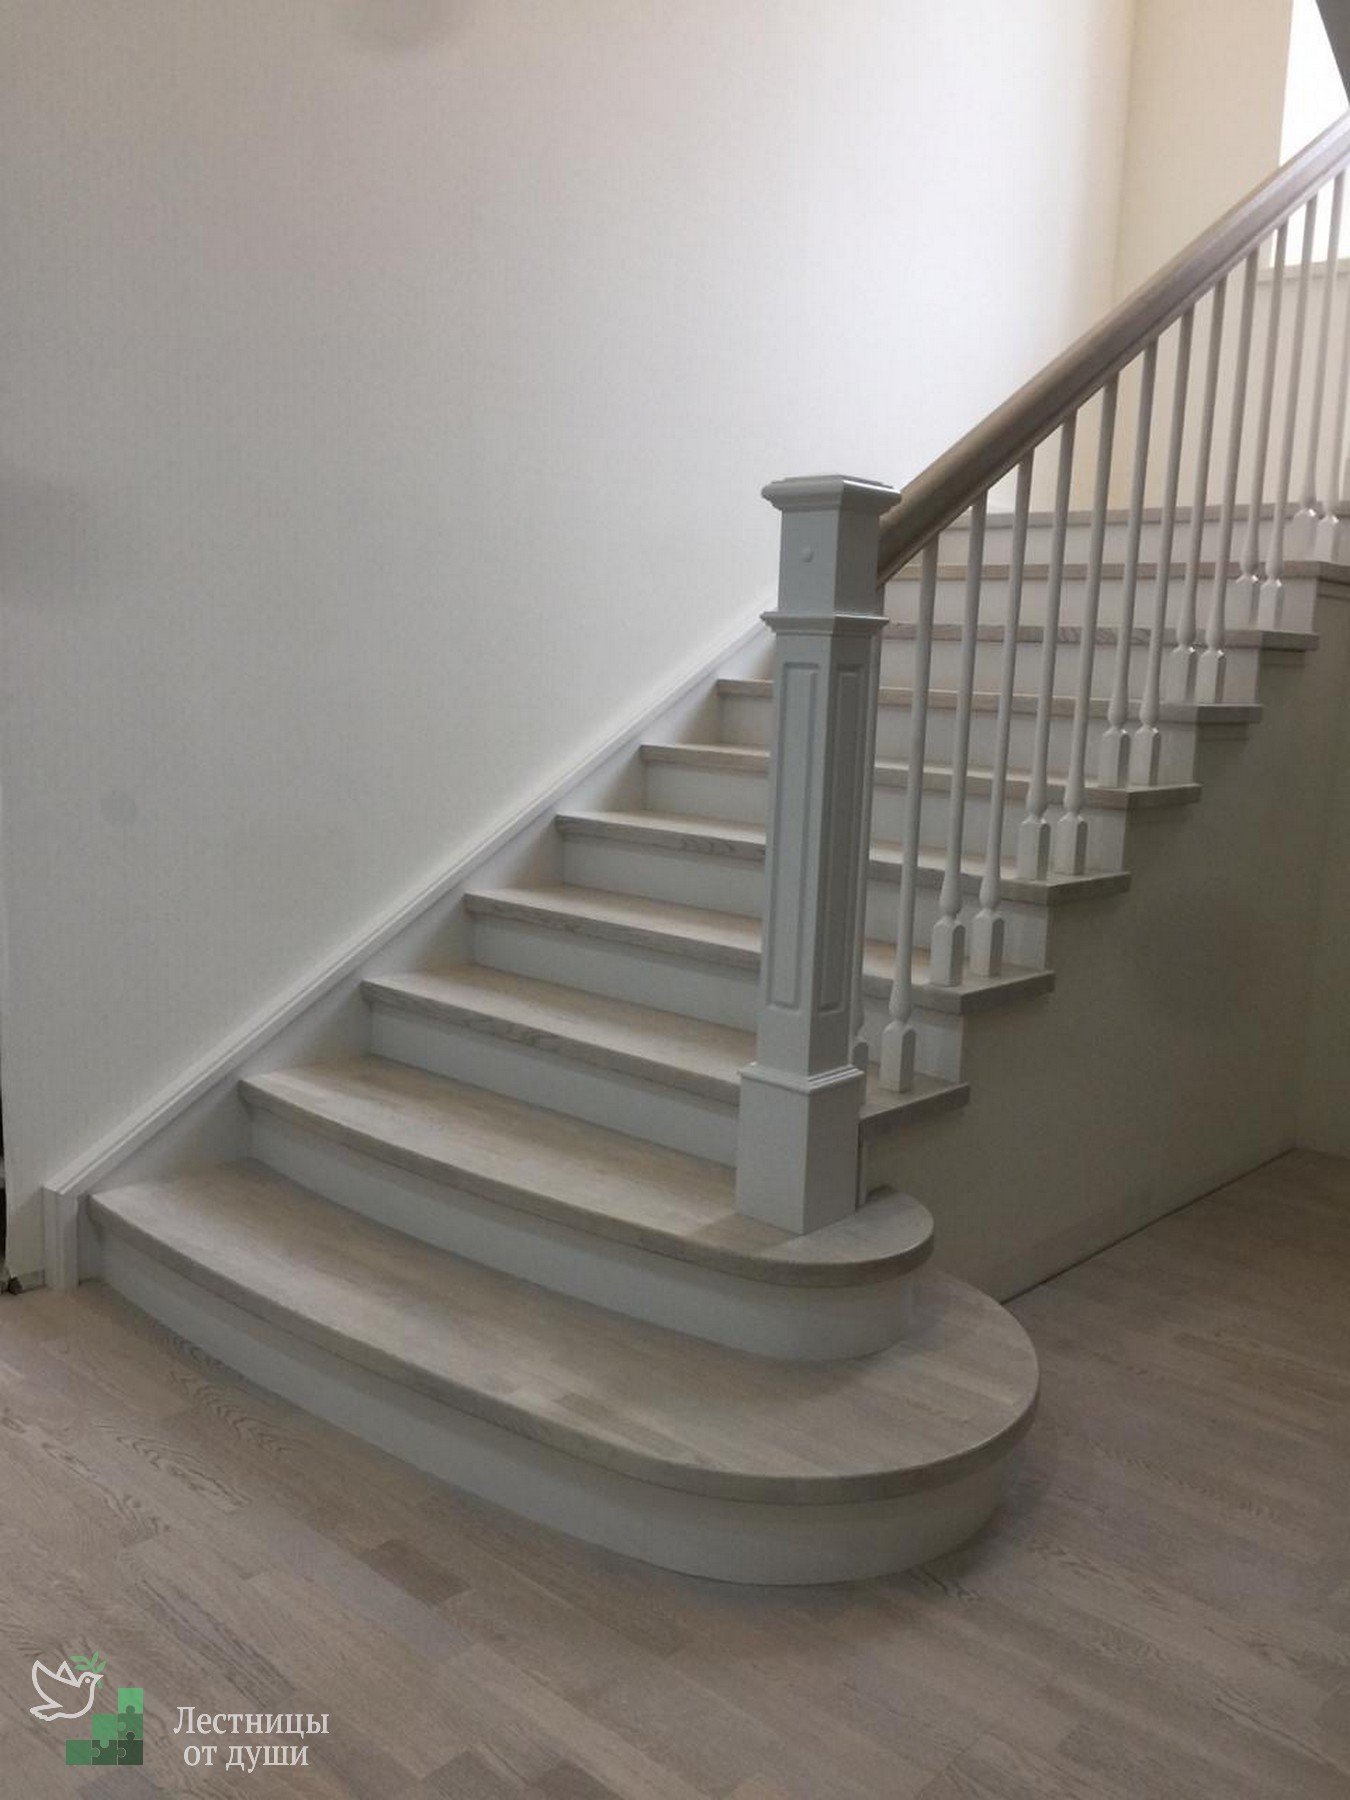 Отделка бетонной лестницы деревом в частном доме